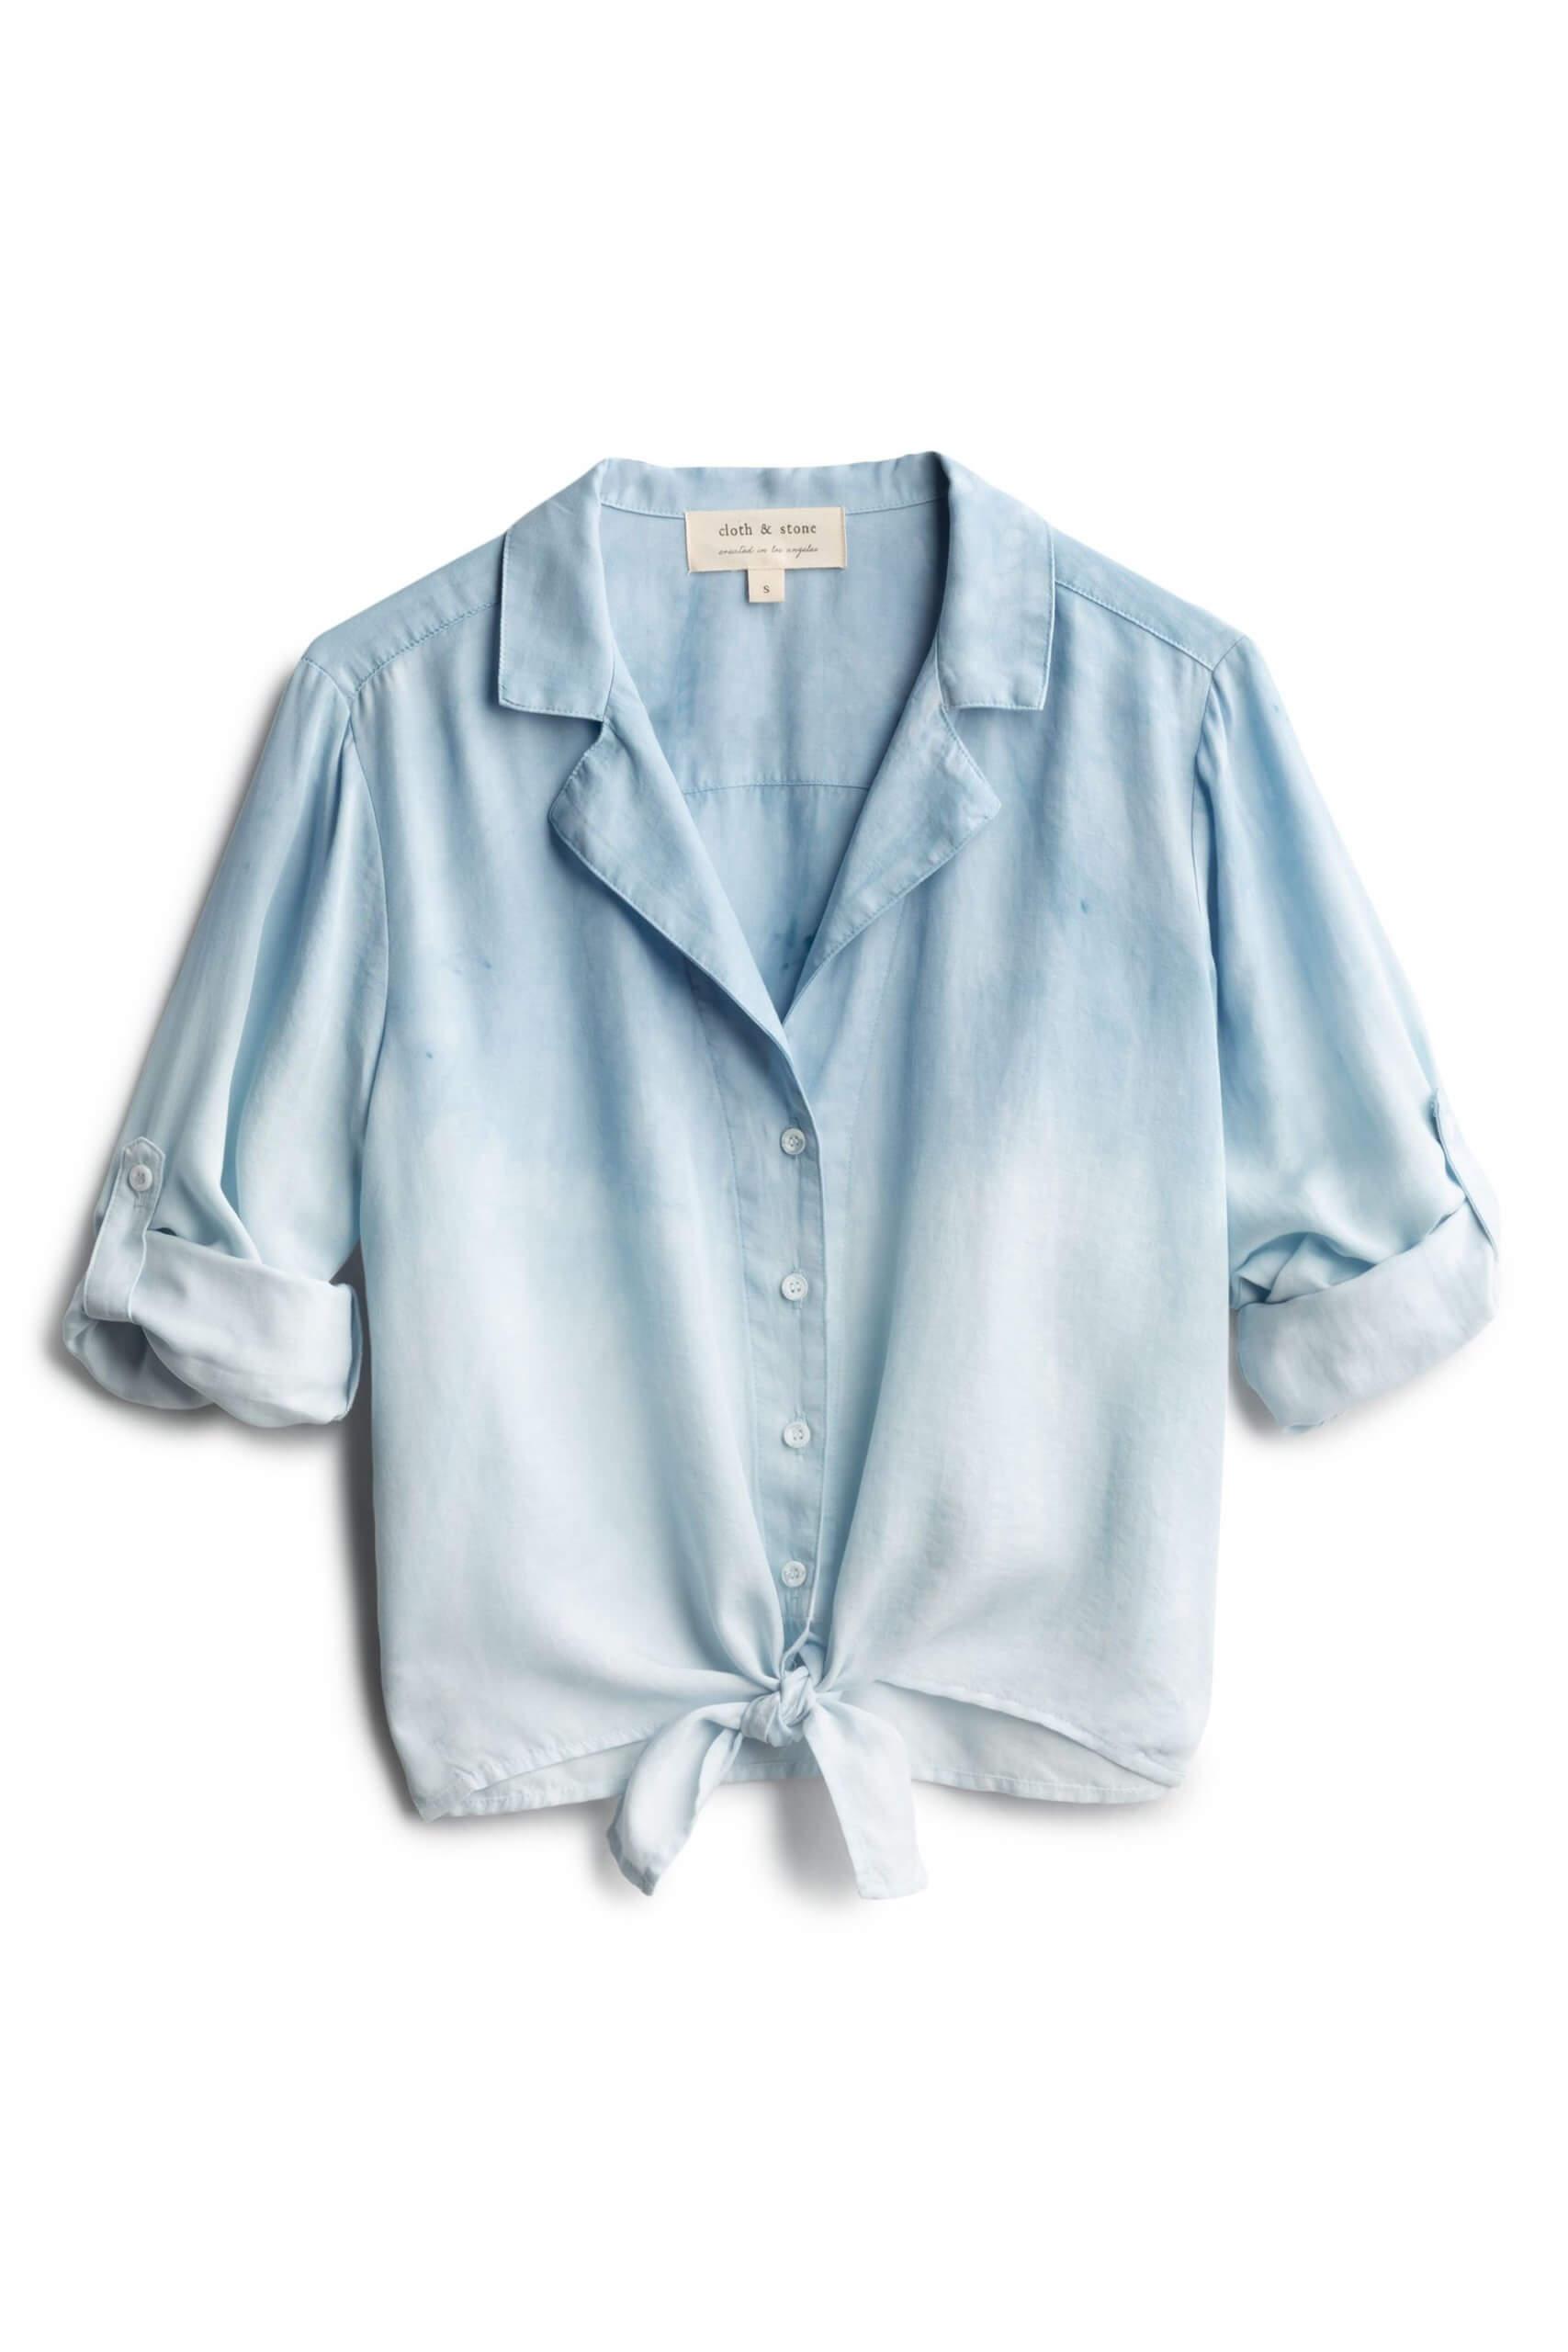 Stitch Fix Women's blue chambray top.